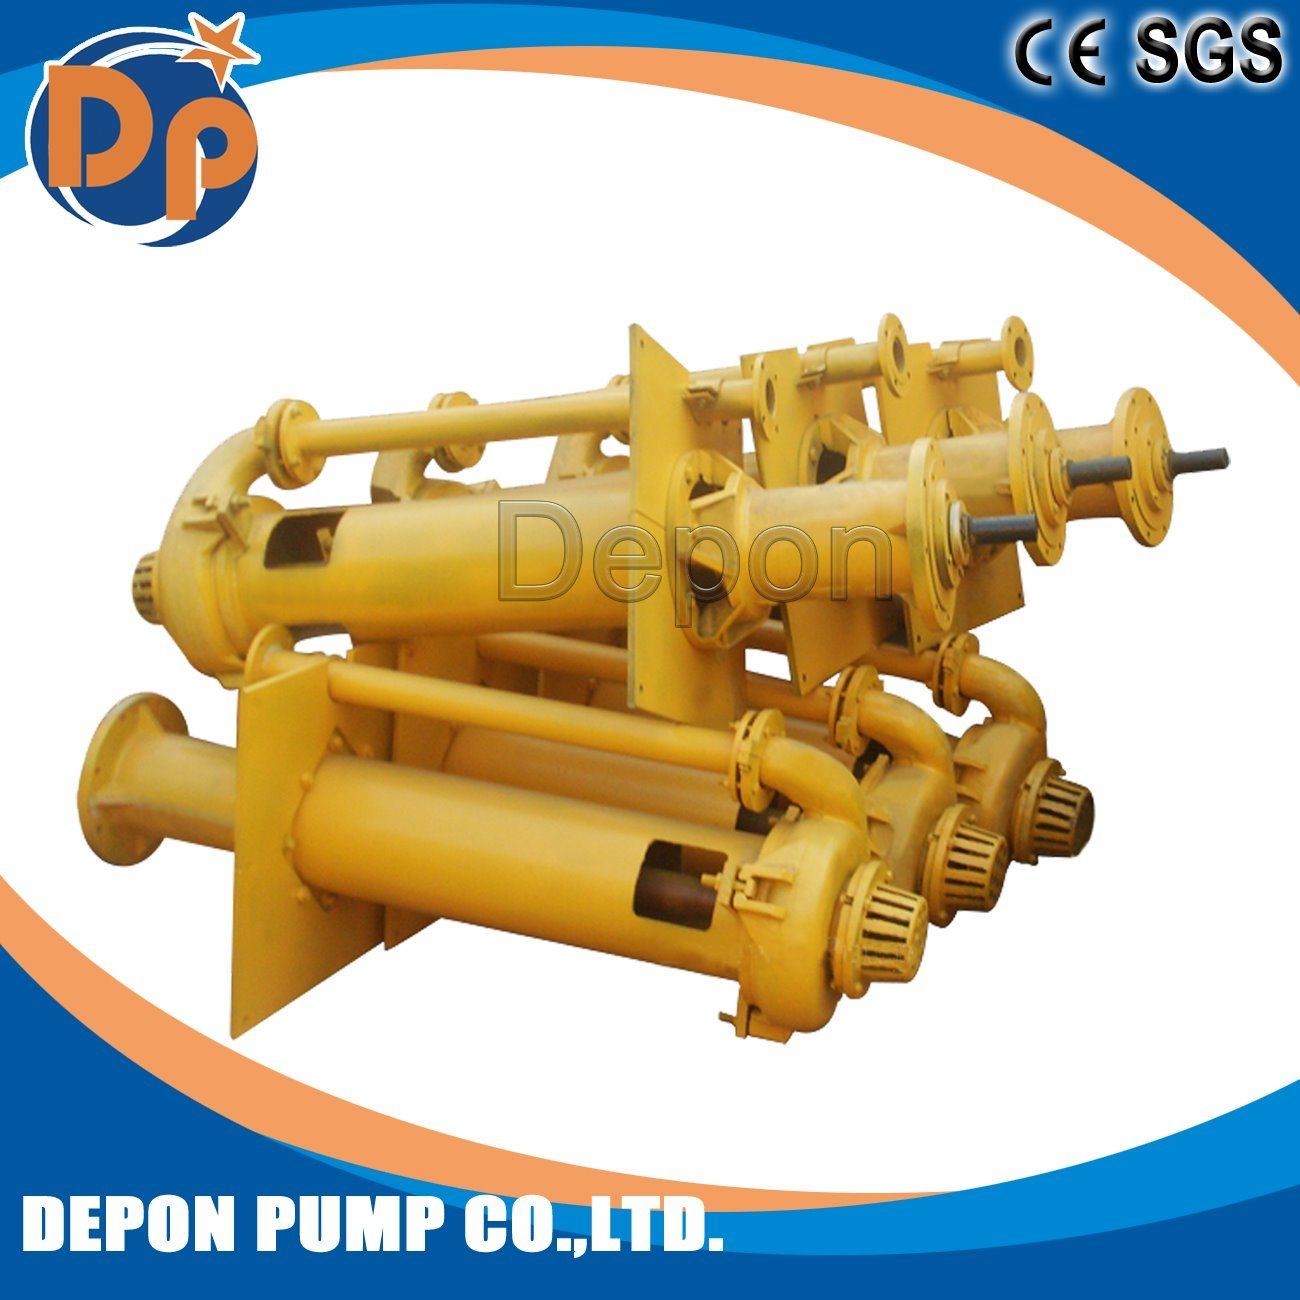 Enery Saving High Efficiency Vertical Sump Pump